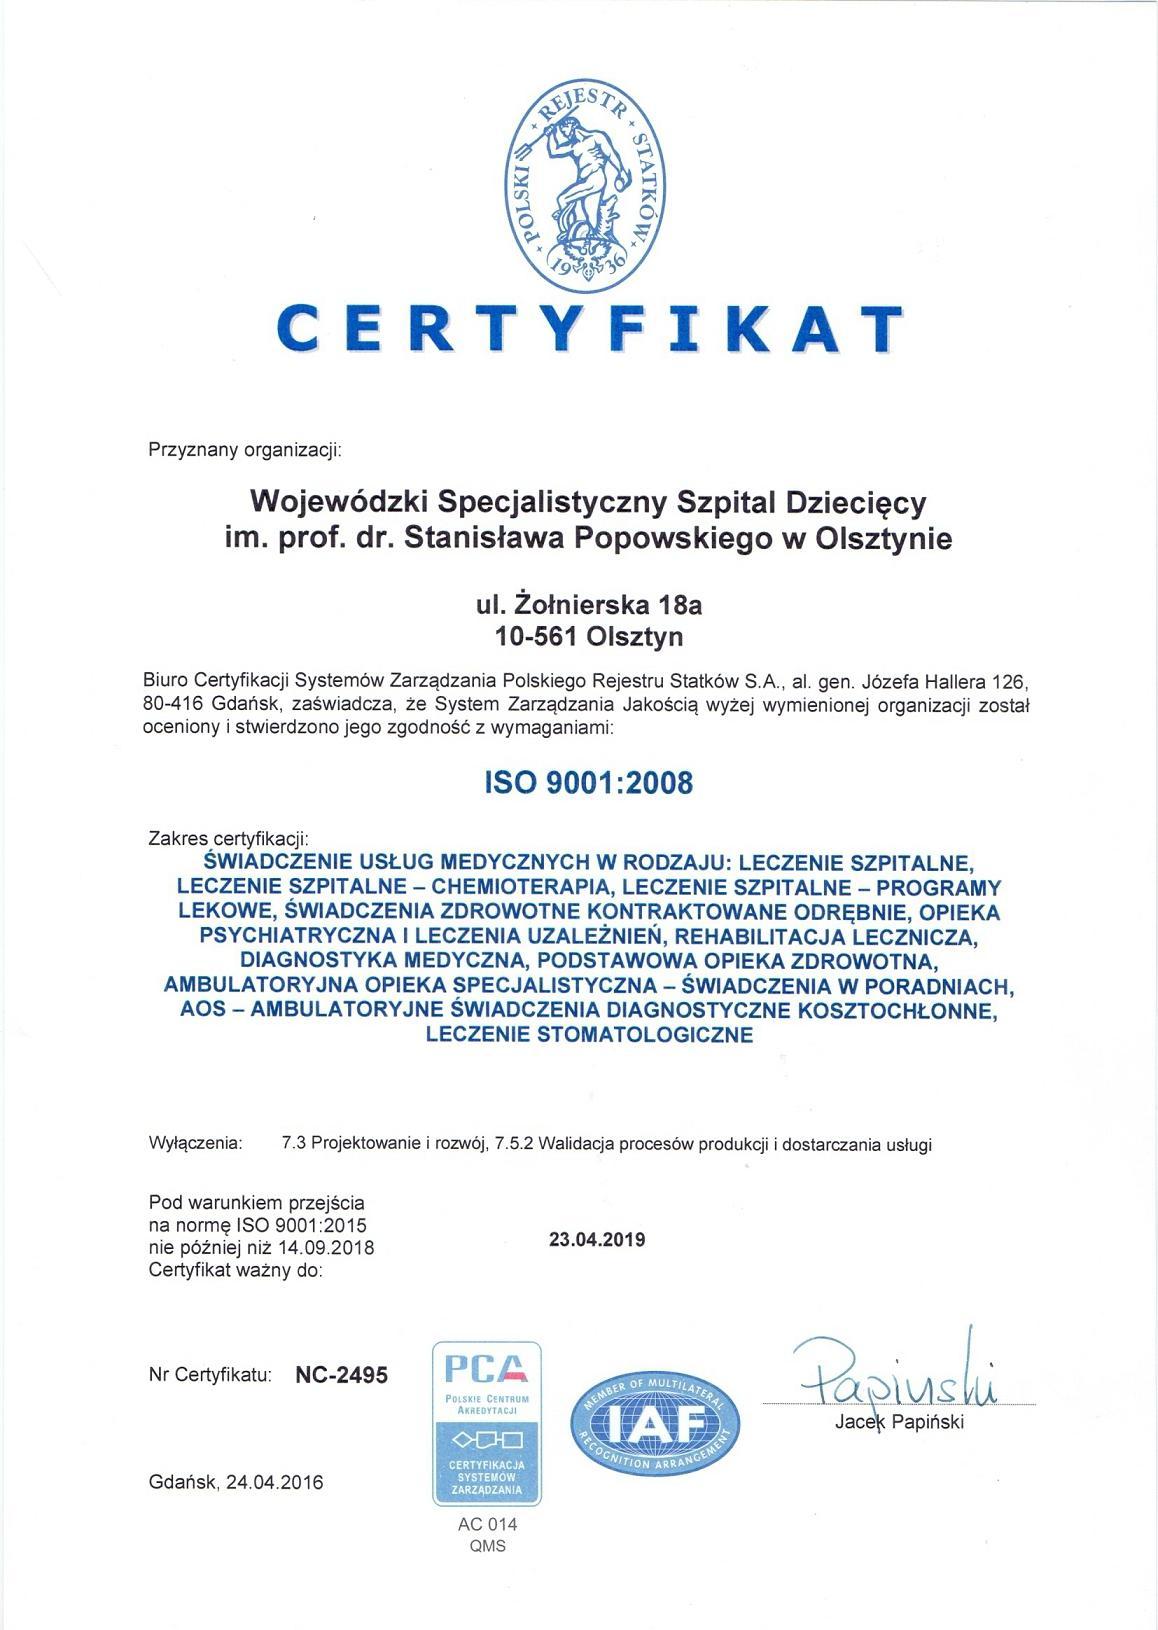 Certyfikat ISO 9001:2008 ważny do 2019 r.